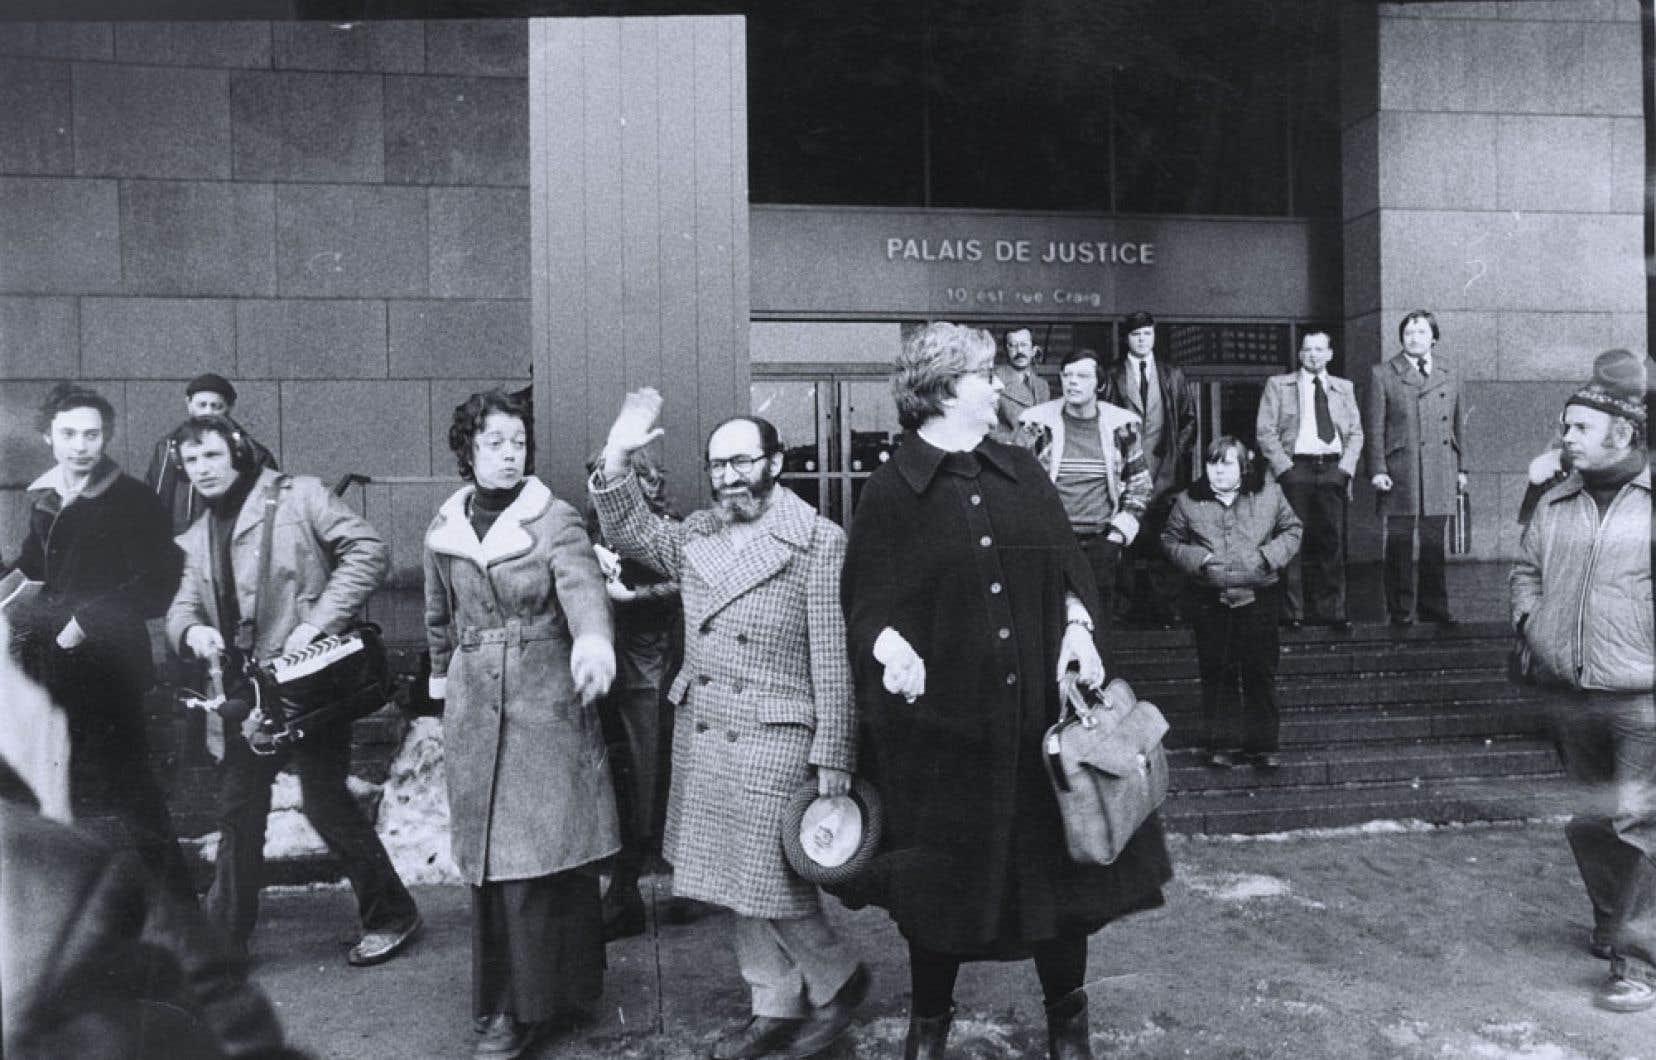 Le 20 janvier 1976, la Cour d'appel du Québec maintient l'acquittement du docteur HenryMorgentaler, qui était accusé d'avortement illégal.